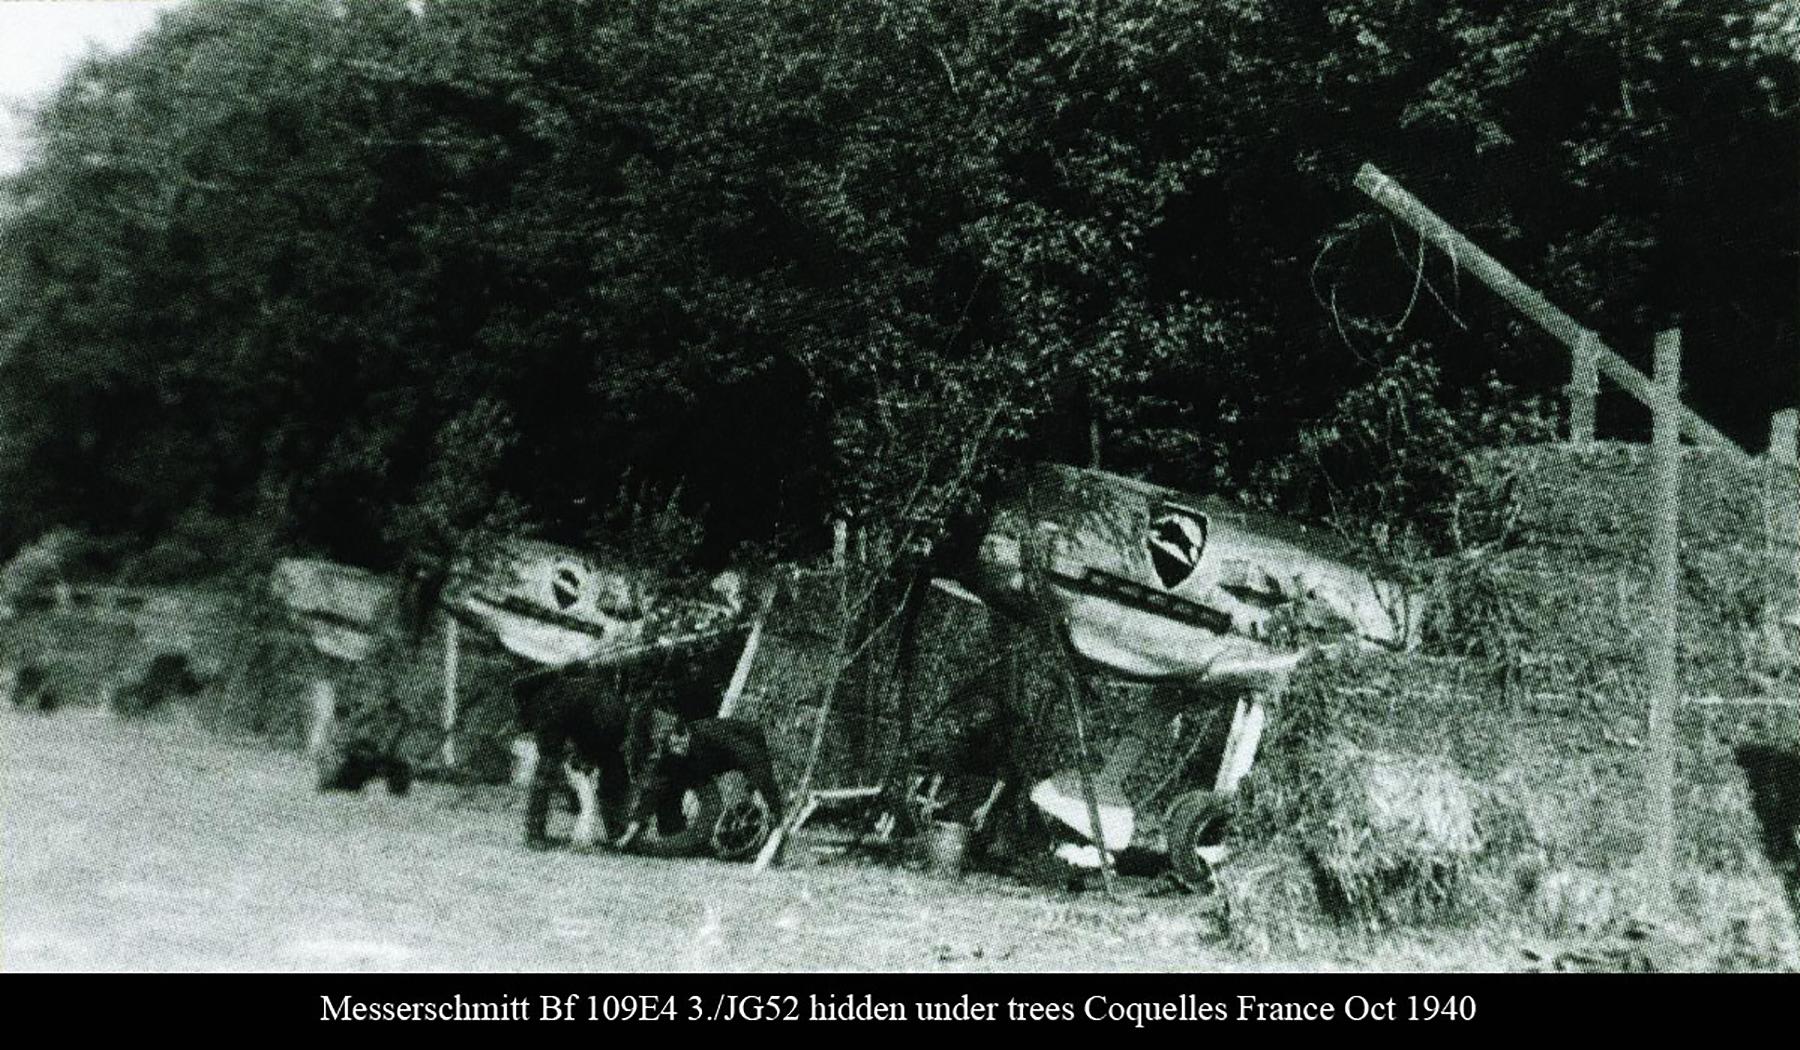 Messerschmitts Bf 109E4 3.JG52 hidden under trees Coquelles France Oct 1940 01